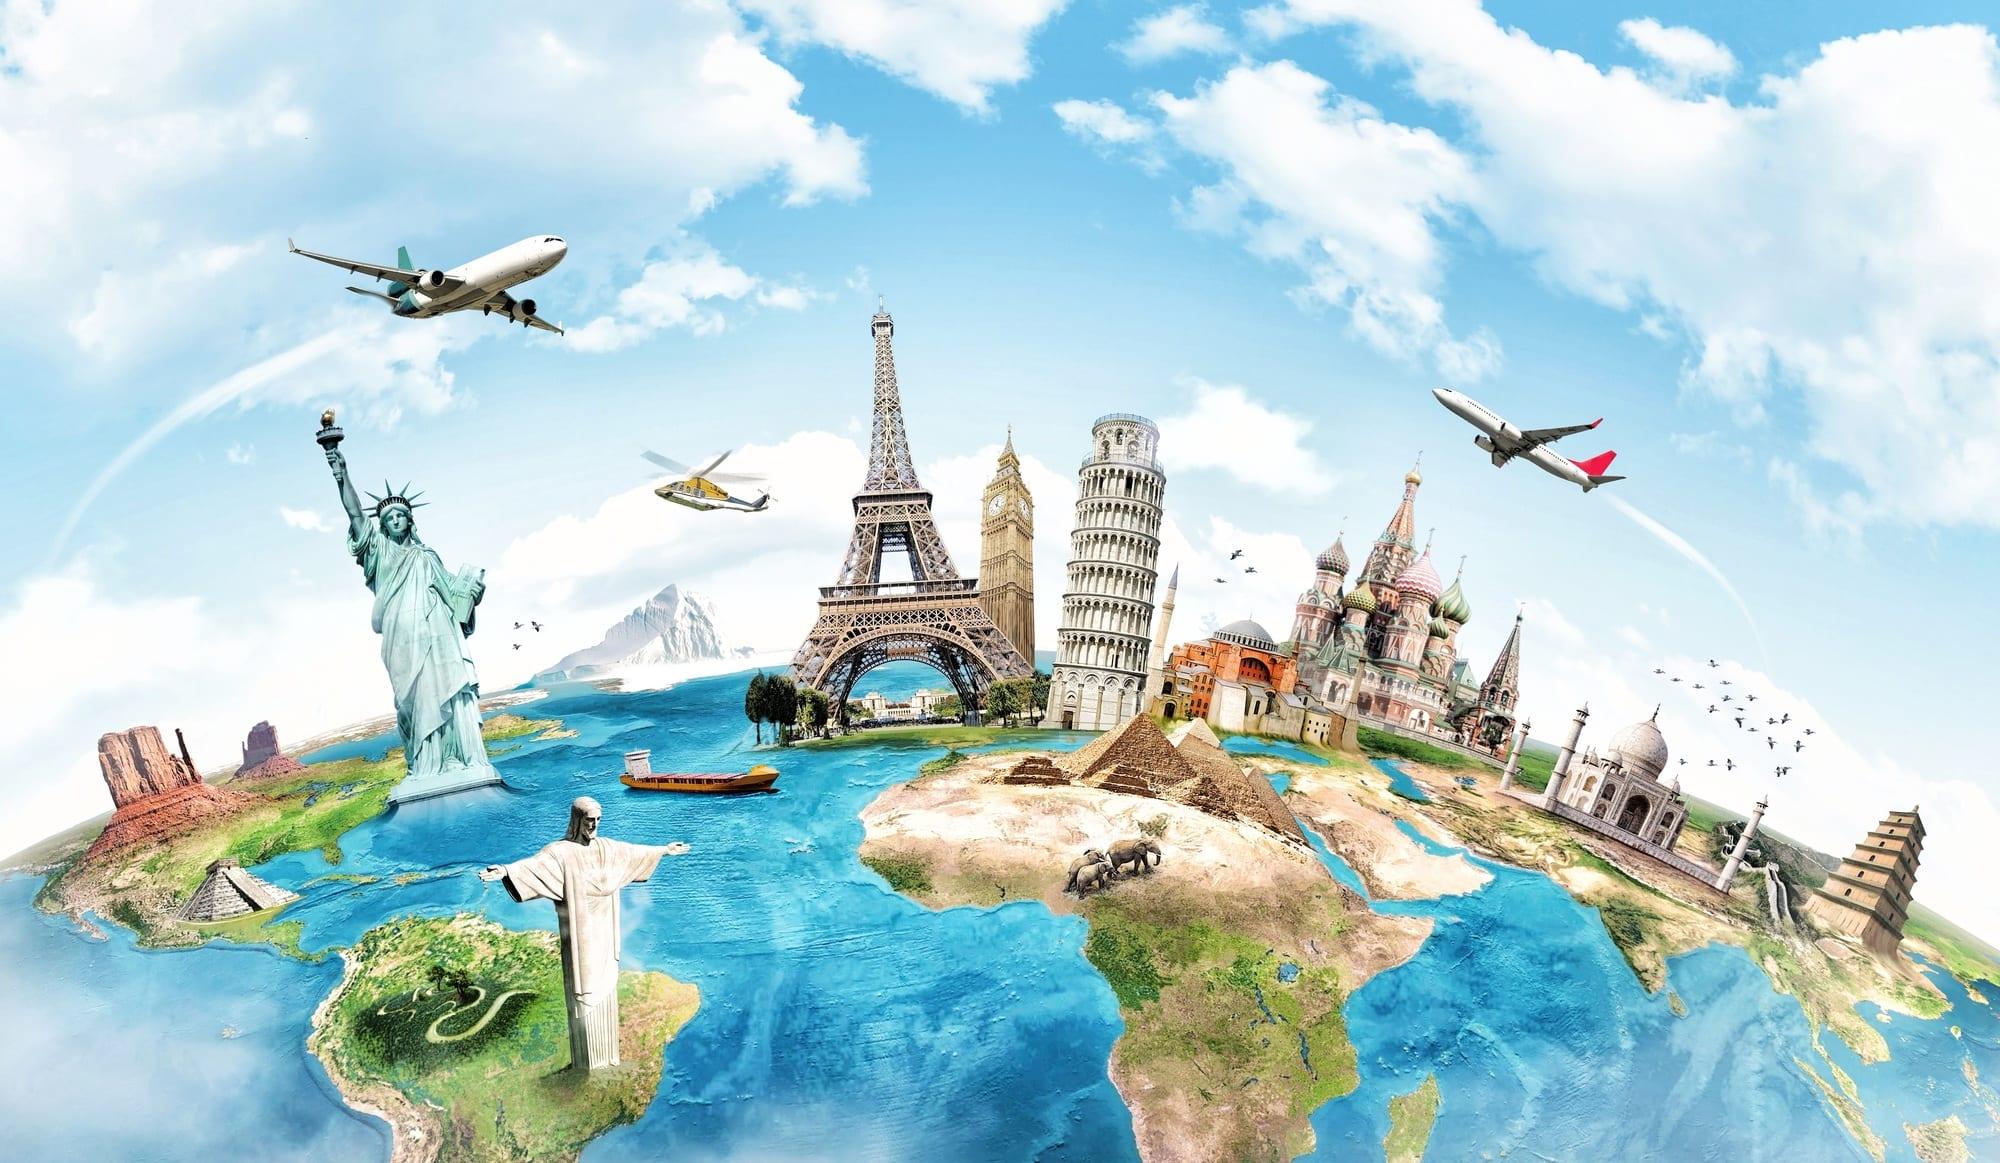 أفضل أماكن سياحية في العالم